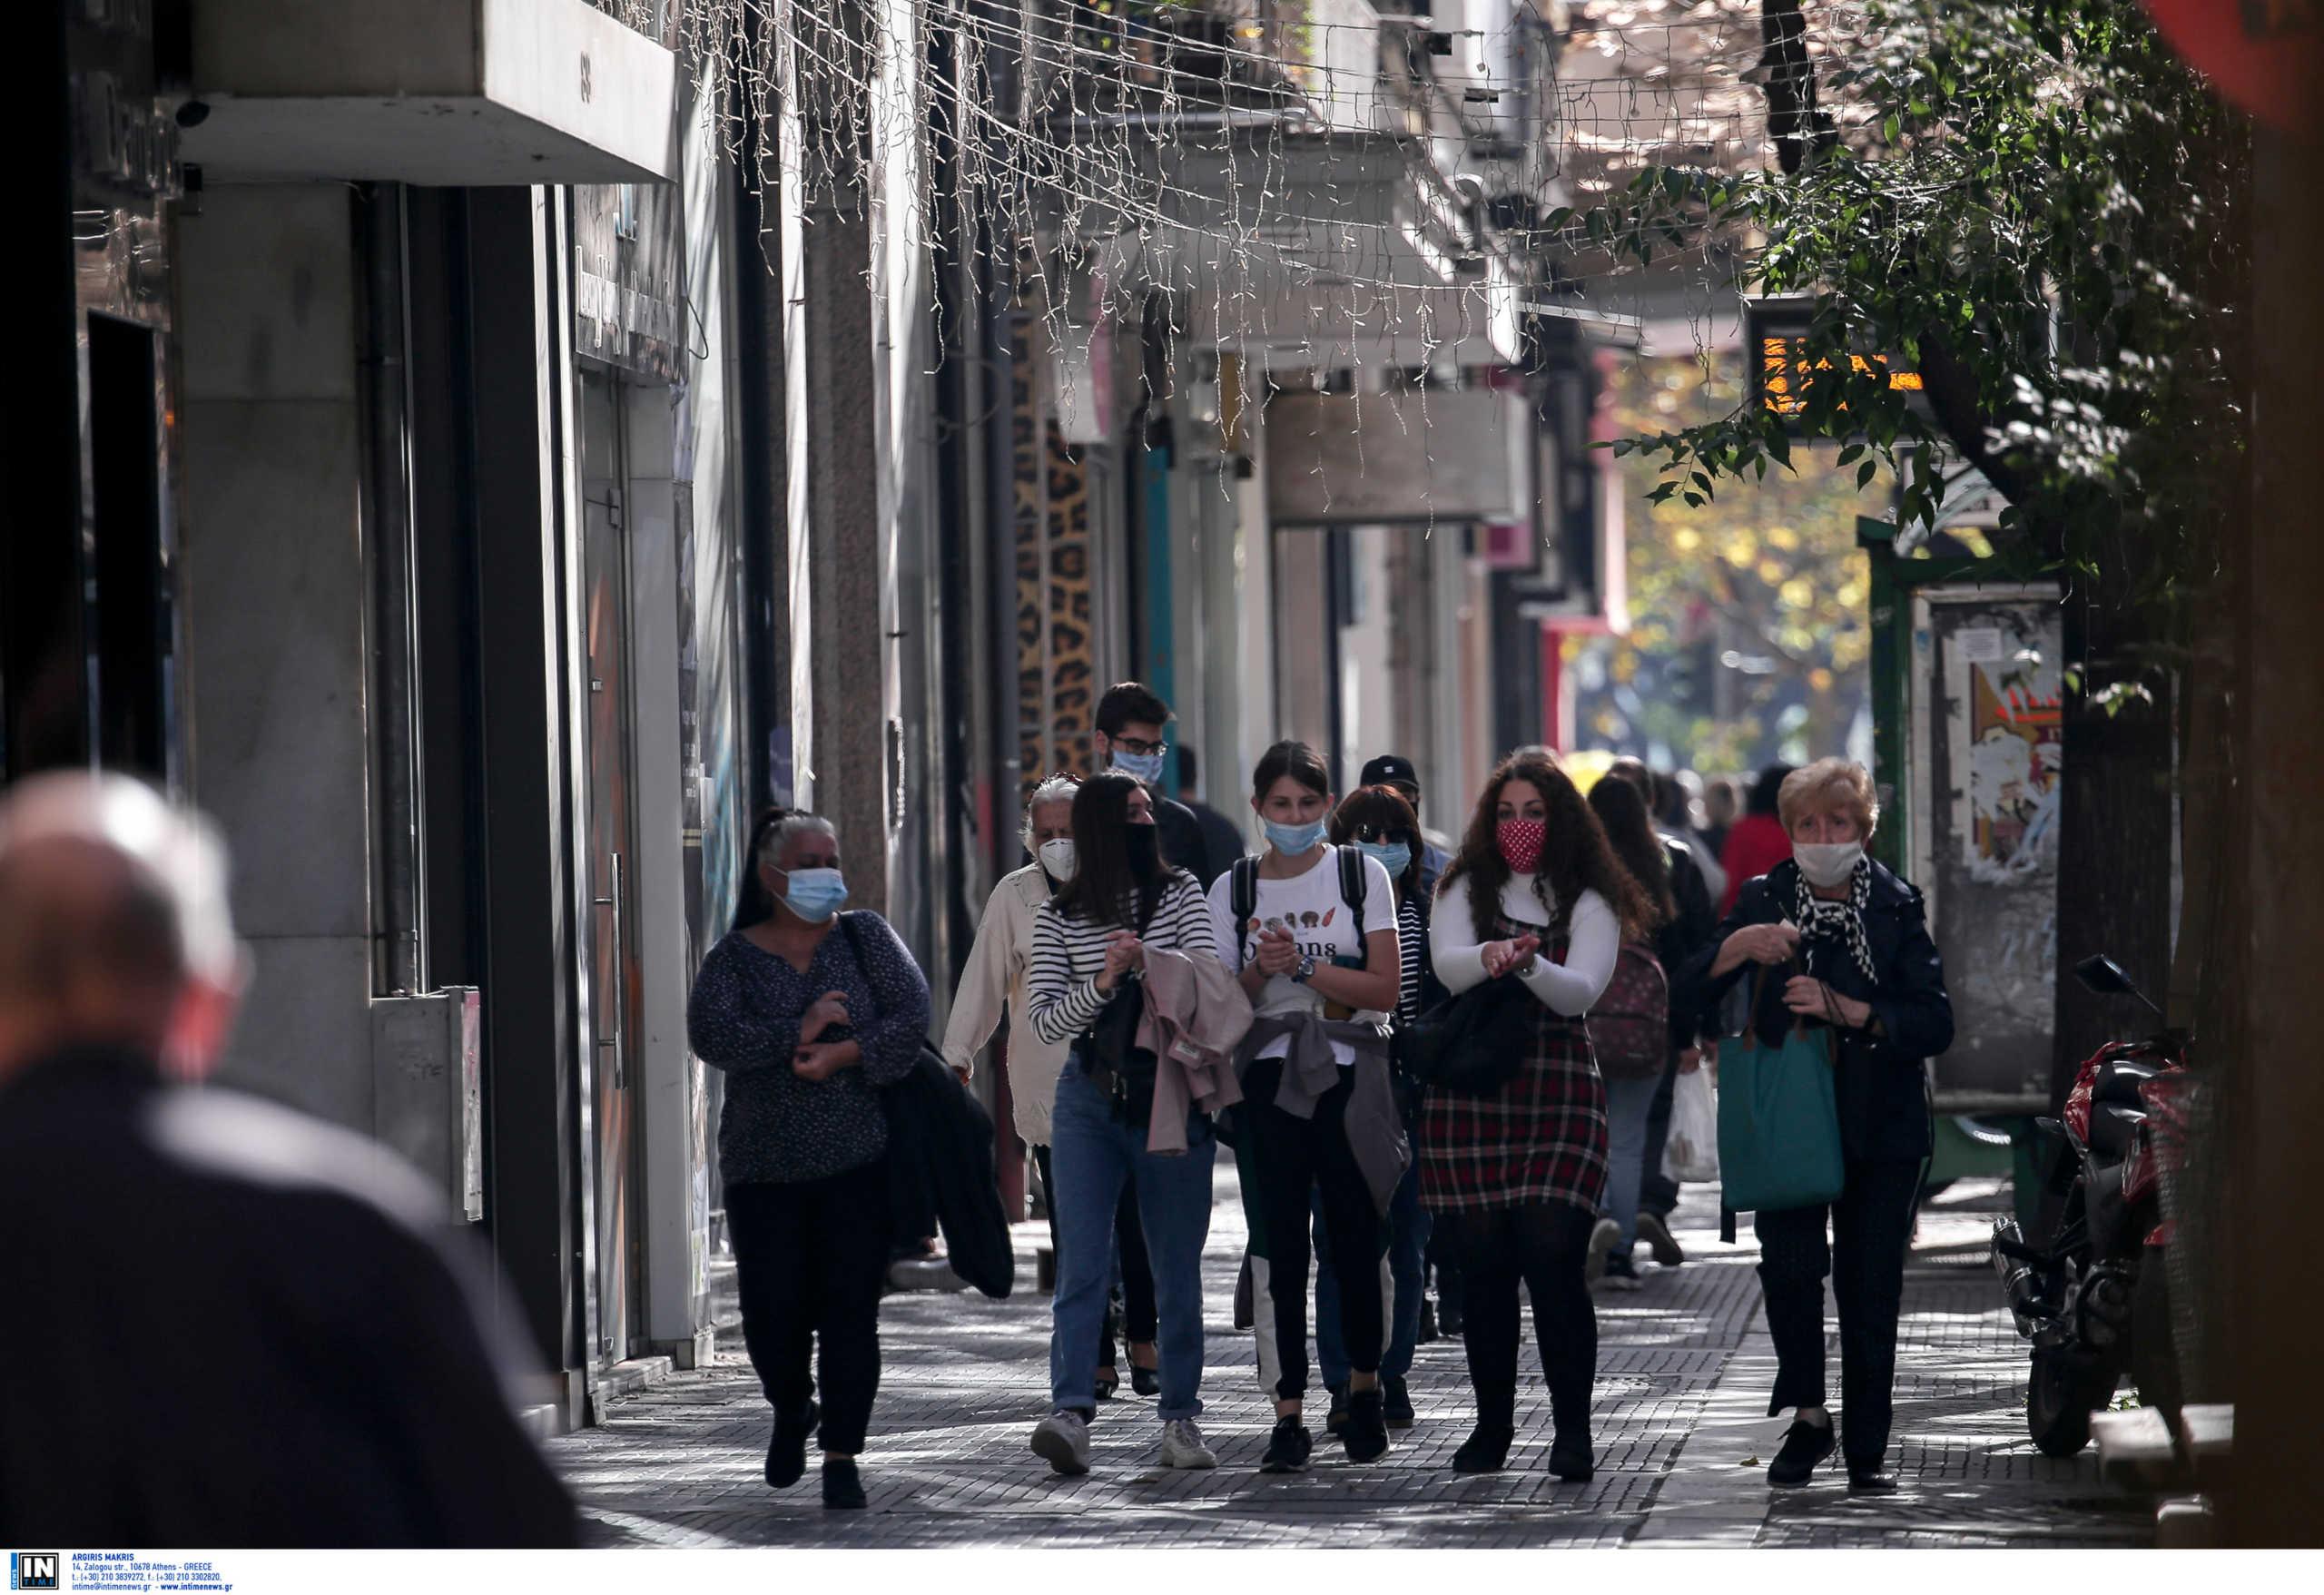 Κορονοϊός: Η πρώτη μέρα με μάσκα παντού – Εικόνες από Αθήνα και Θεσσαλονίκη